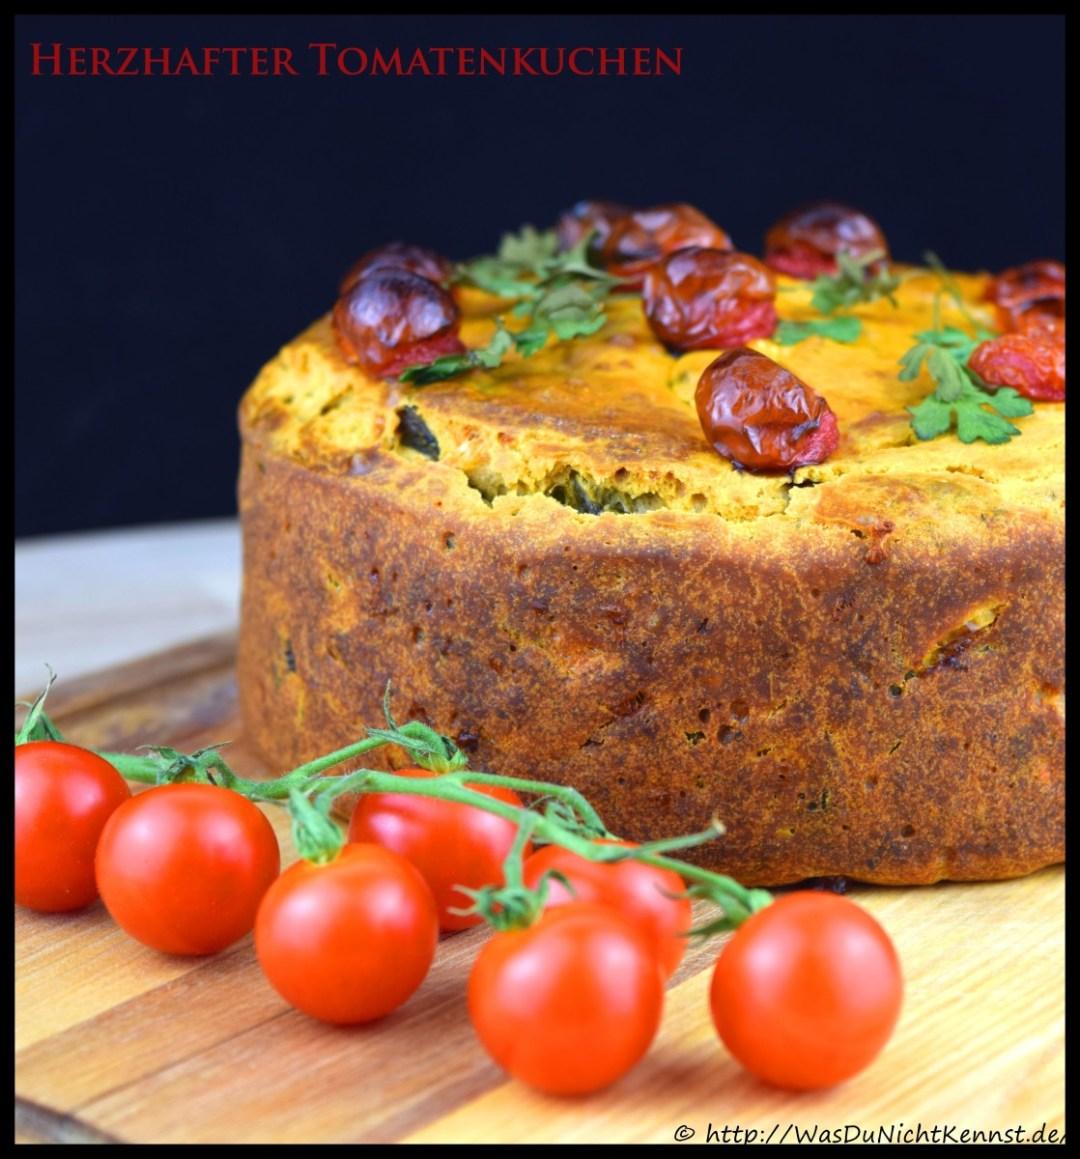 Herzhafter Tomatenkuchen